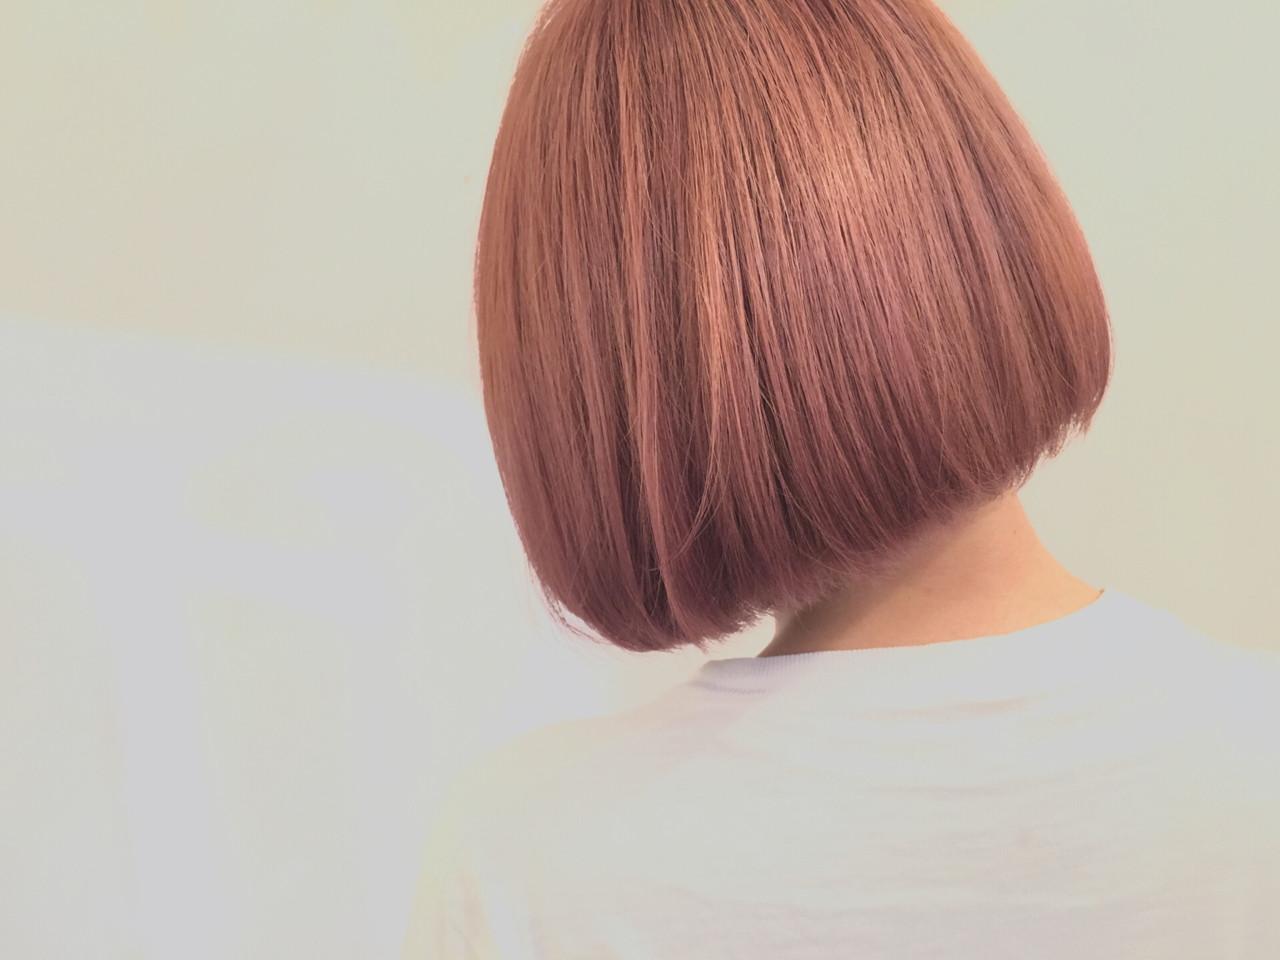 ボブ ワンレングス ハイトーン ショートボブヘアスタイルや髪型の写真・画像